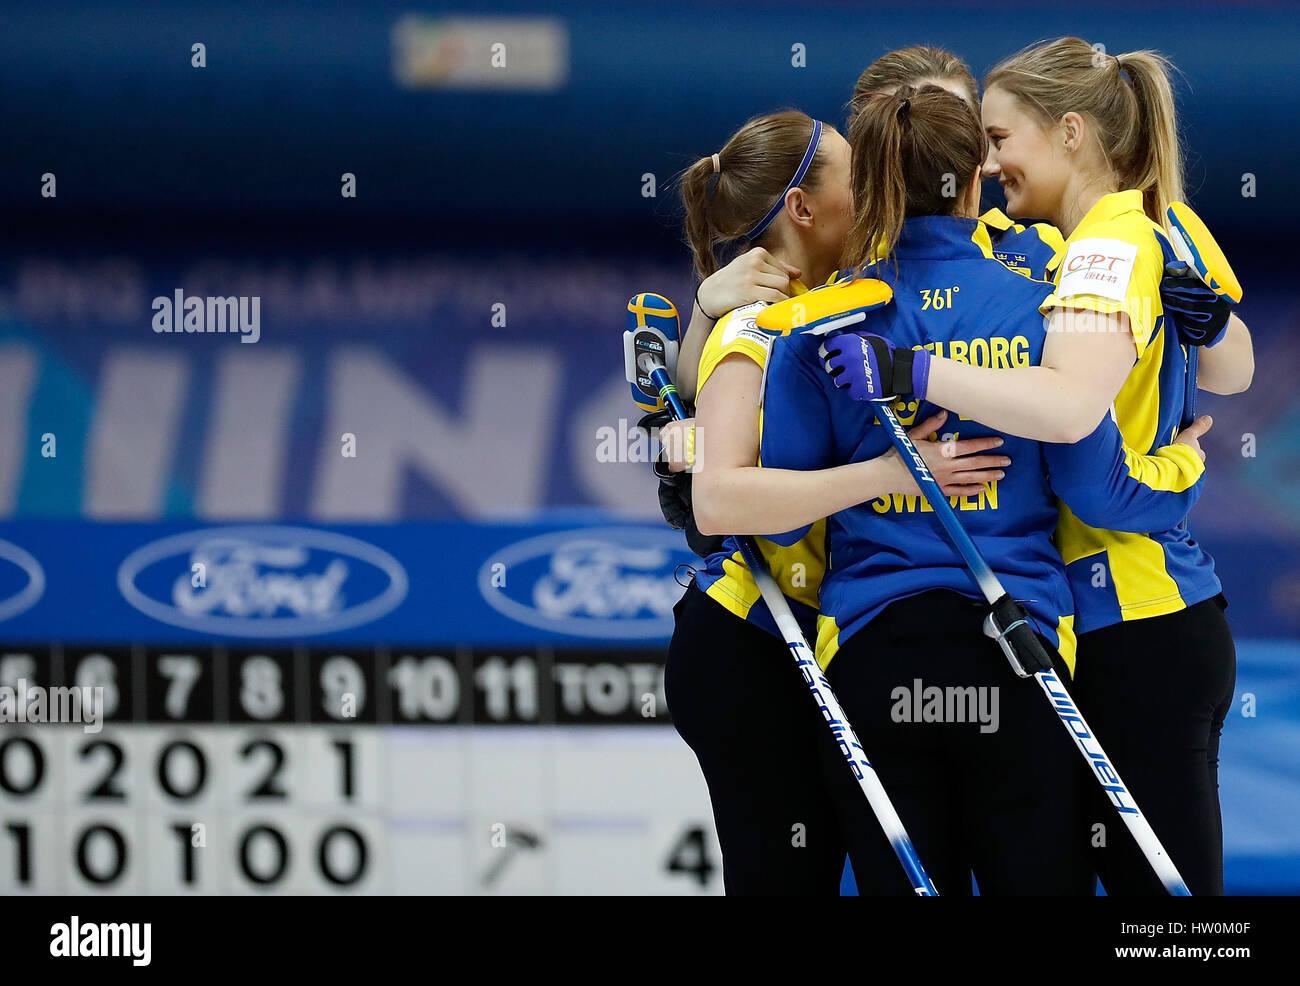 Pechino, Cina. 23 Mar, 2017. I giocatori di Svezia celebrare dopo il mondo femminile Campionato di Curling round-robin match contro la Cina a Pechino Capitale della Cina, 23 marzo 2017. La Svezia ha vinto 10-4 . Credito: Wang Lili/Xinhua/Alamy Live News Foto Stock